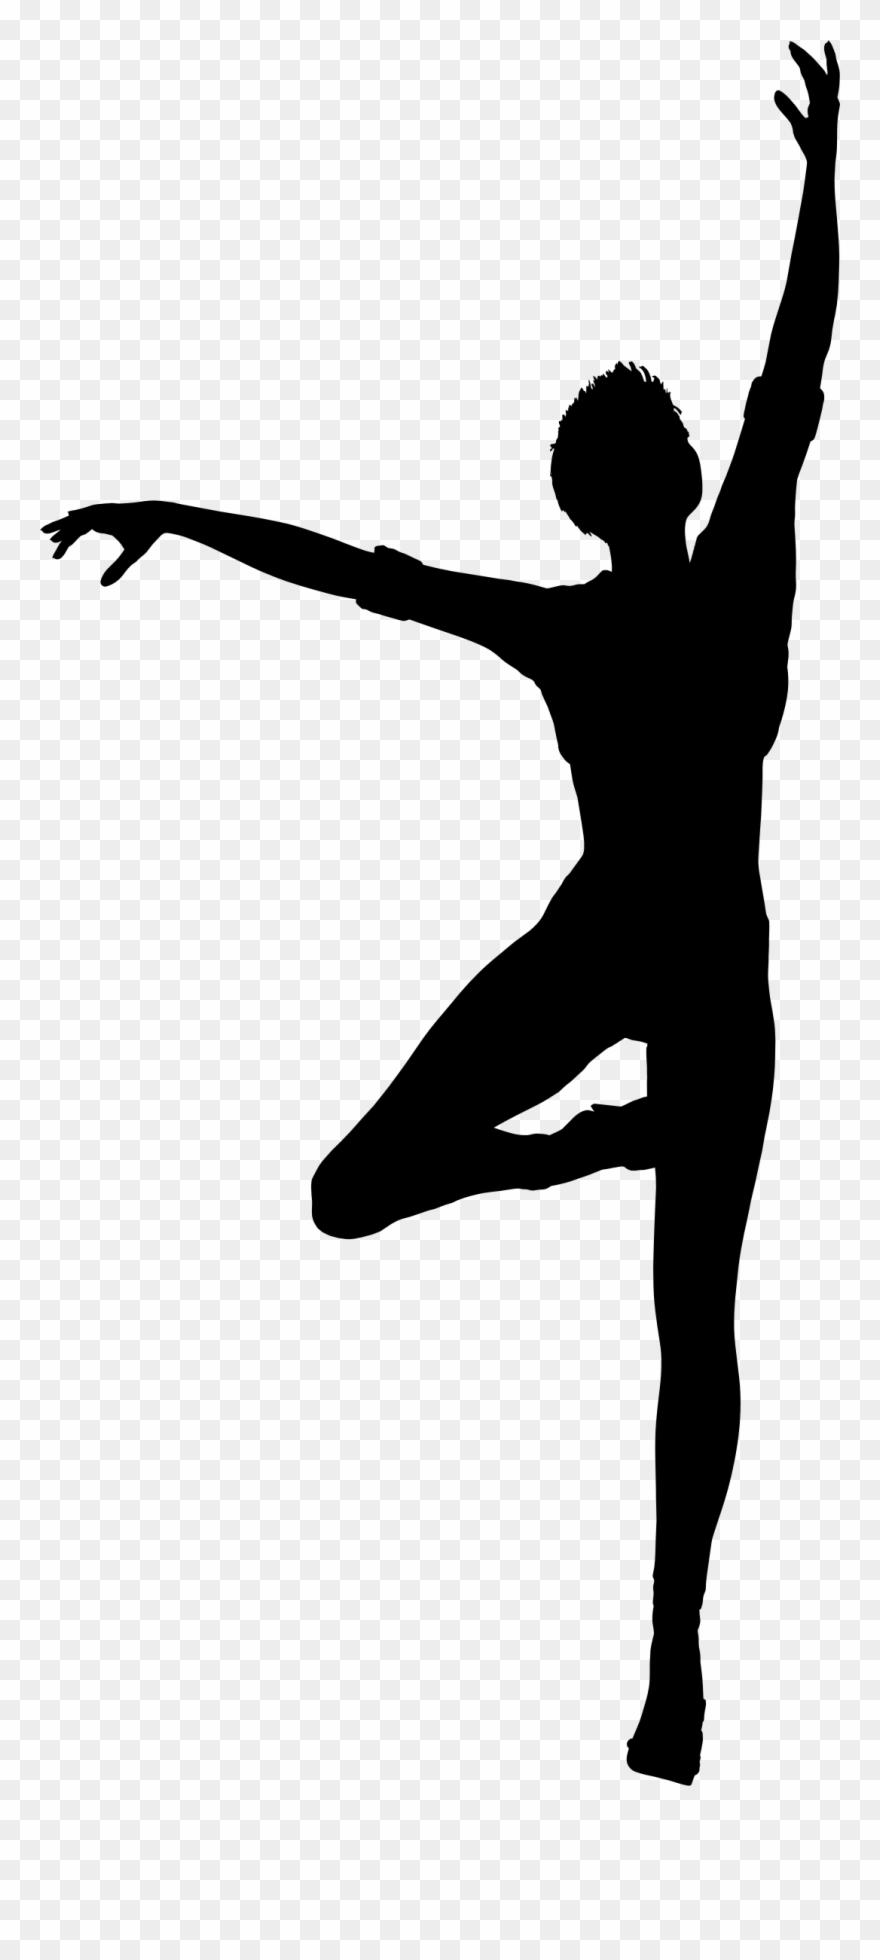 Dancing Woman Silhouette Dancing Human Clipart 259950 Pinclipart